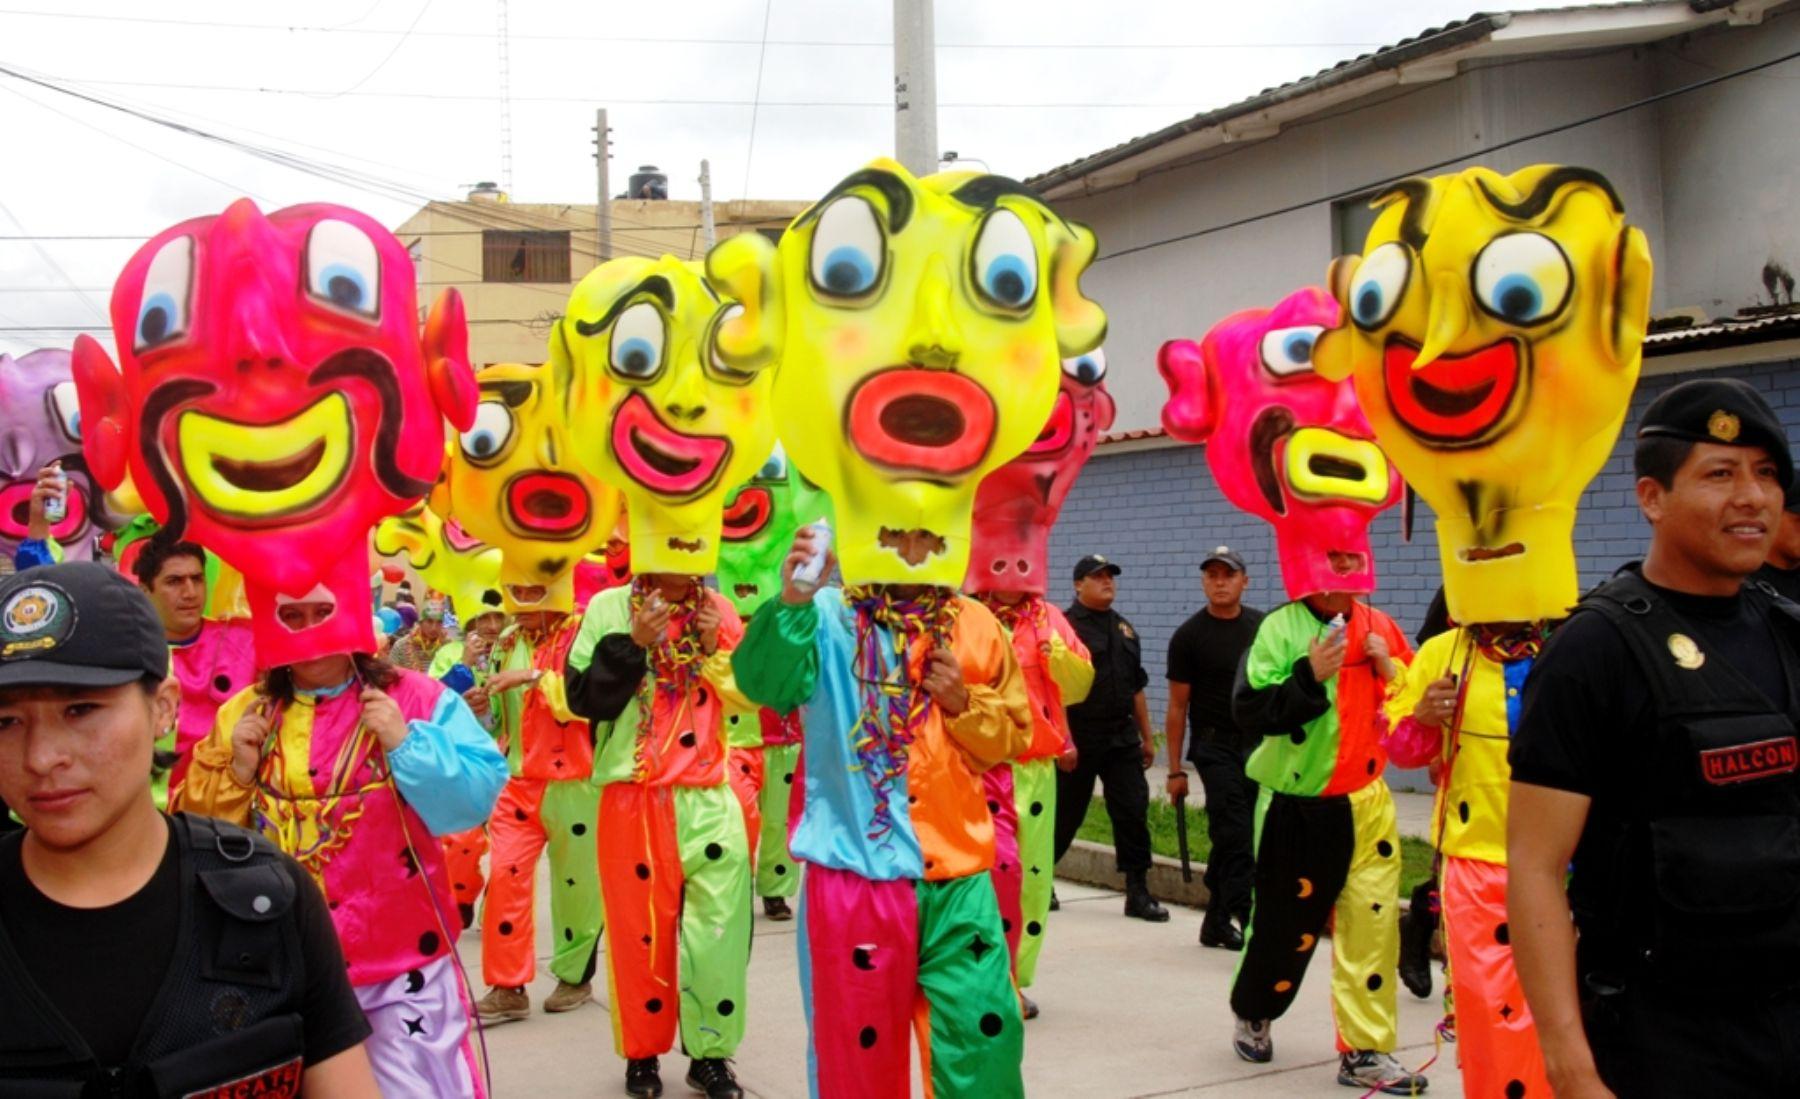 image for Danza de los cabezones